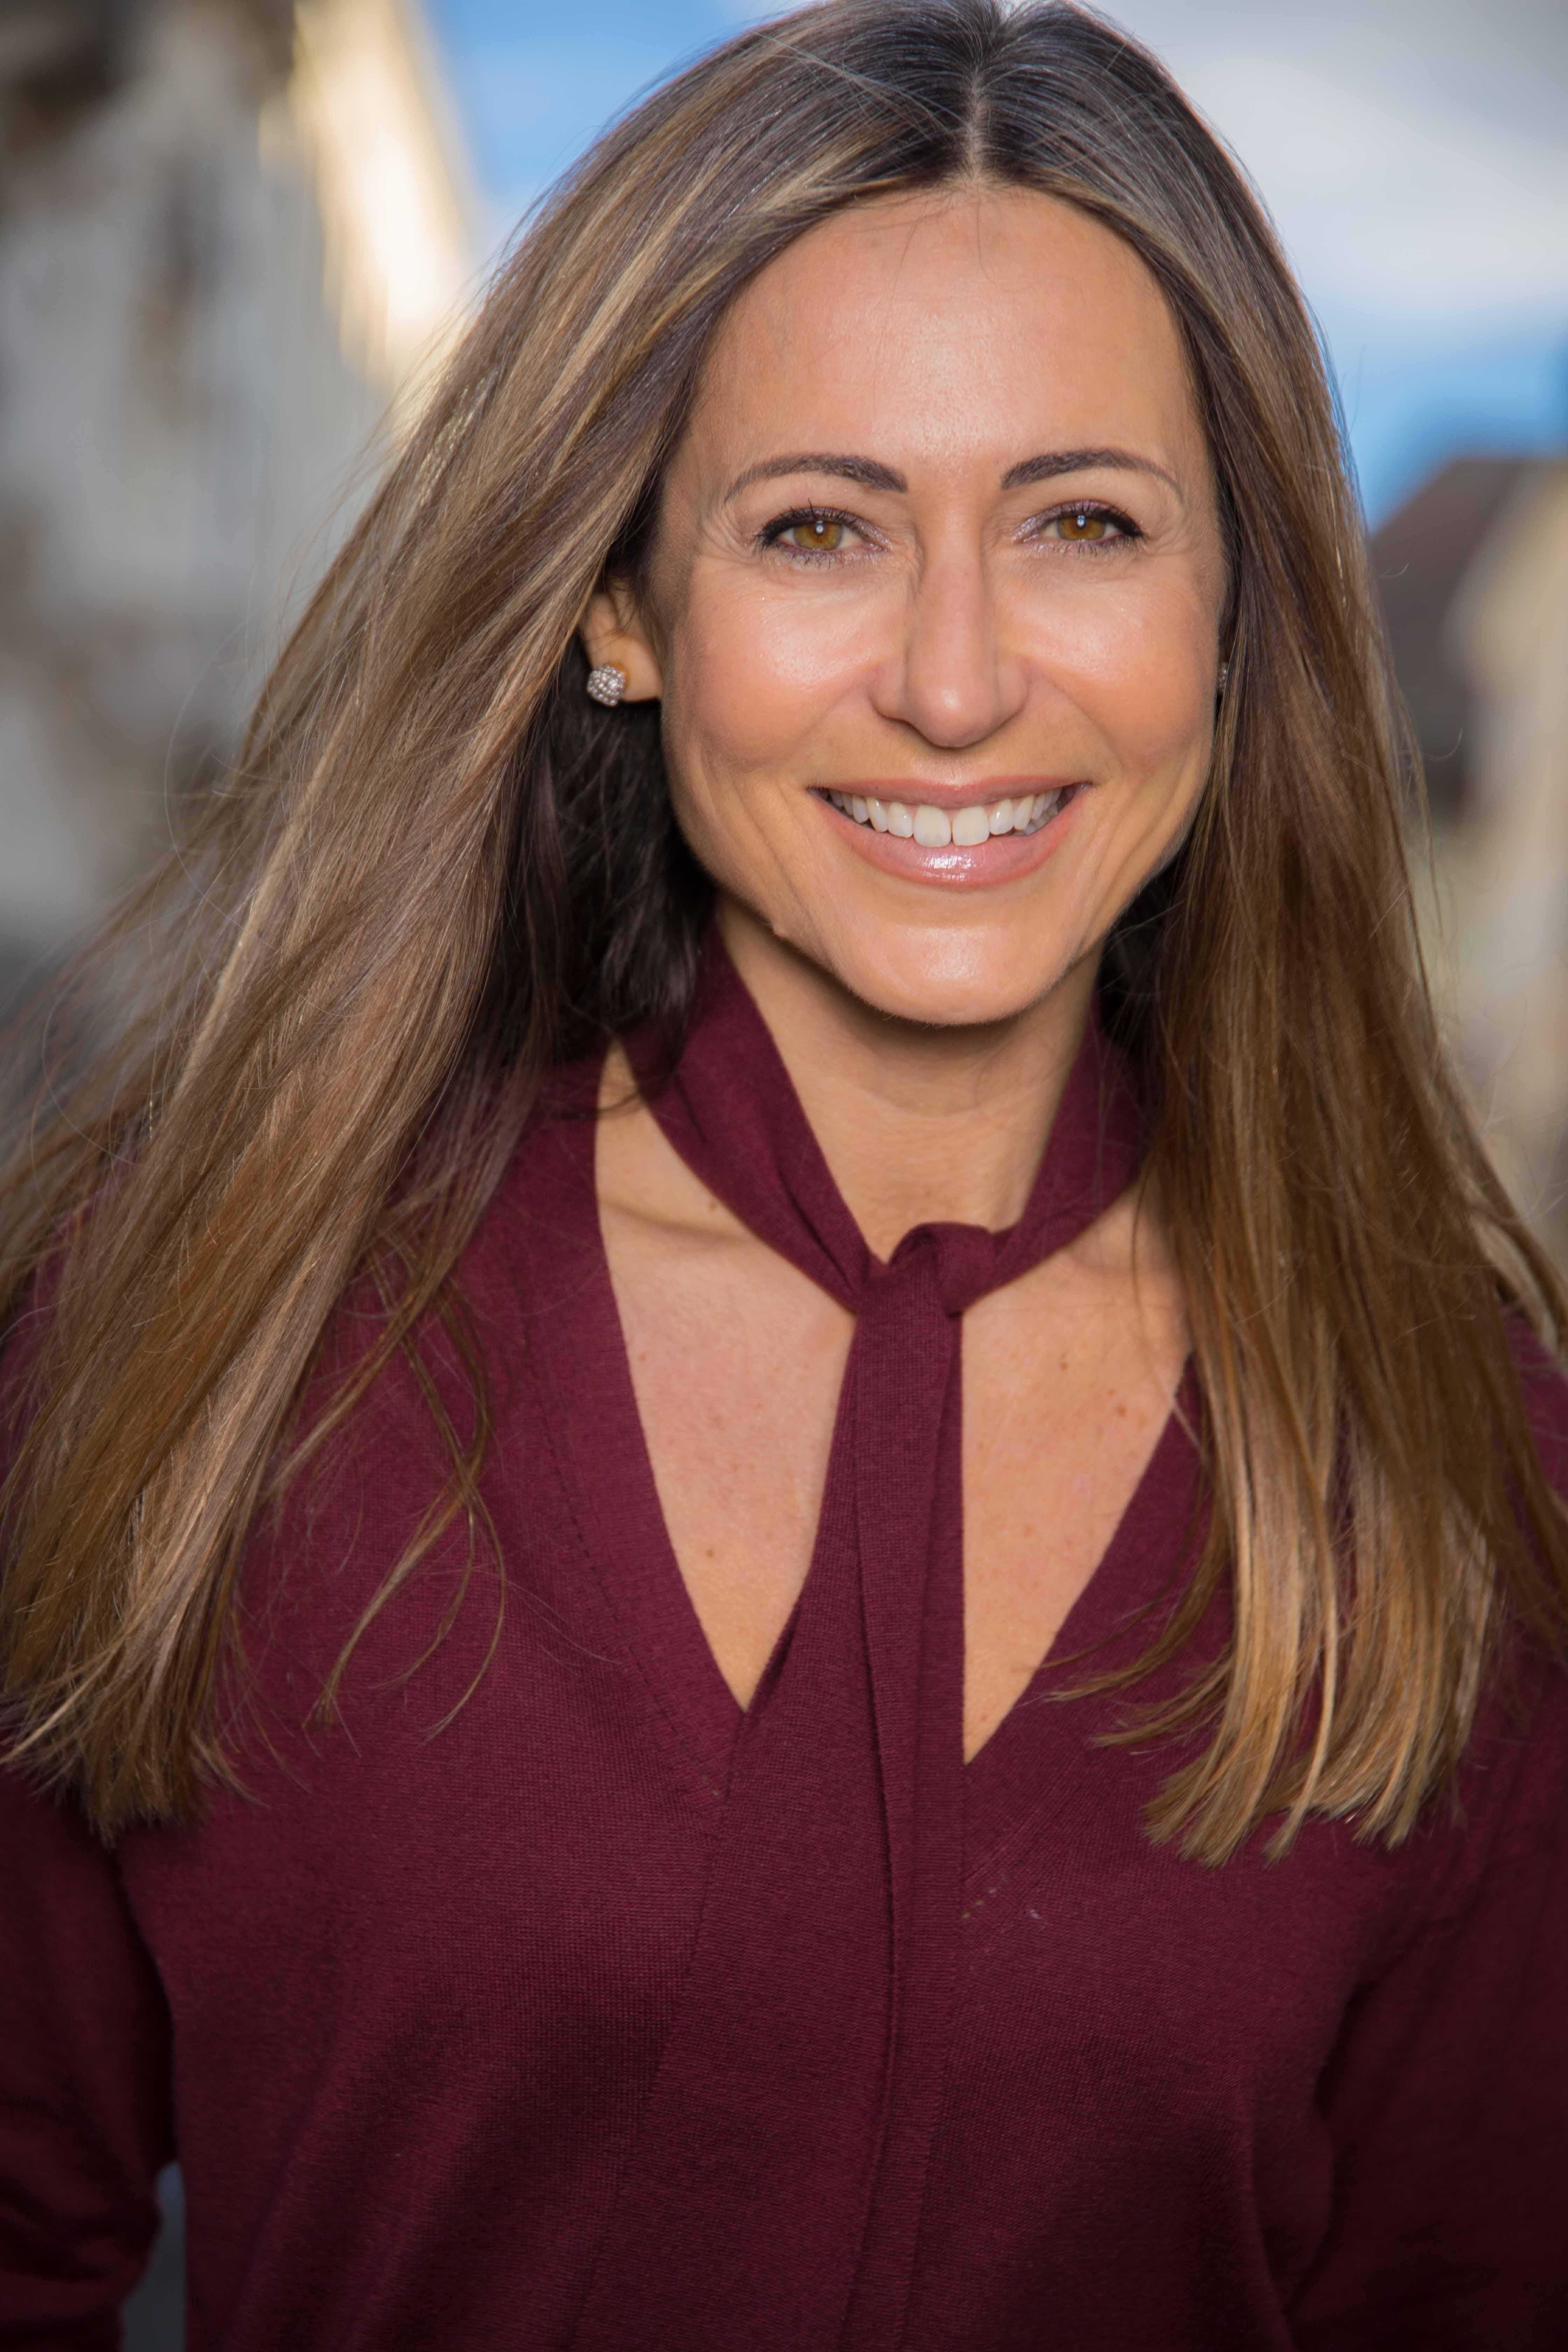 Meet Nadia De Col